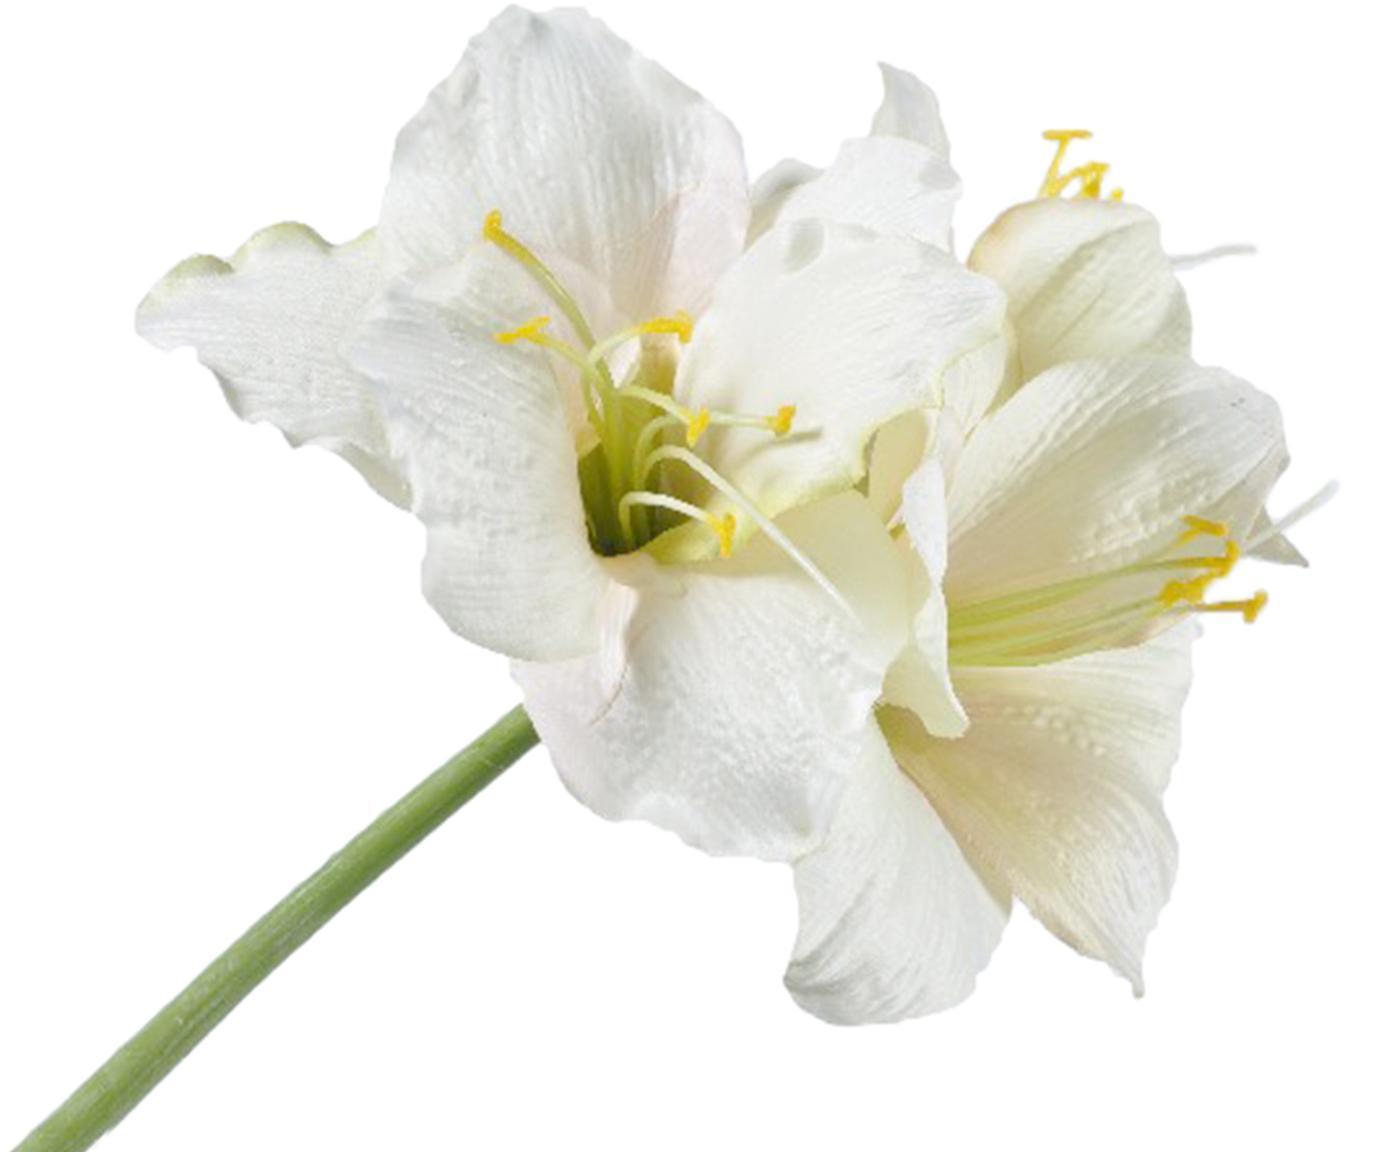 Fiore artificiale amaryllis Maryla, Poliestere, materiale sintetico, metallo, Bianco, giallo, verde, Lung. 54 cm